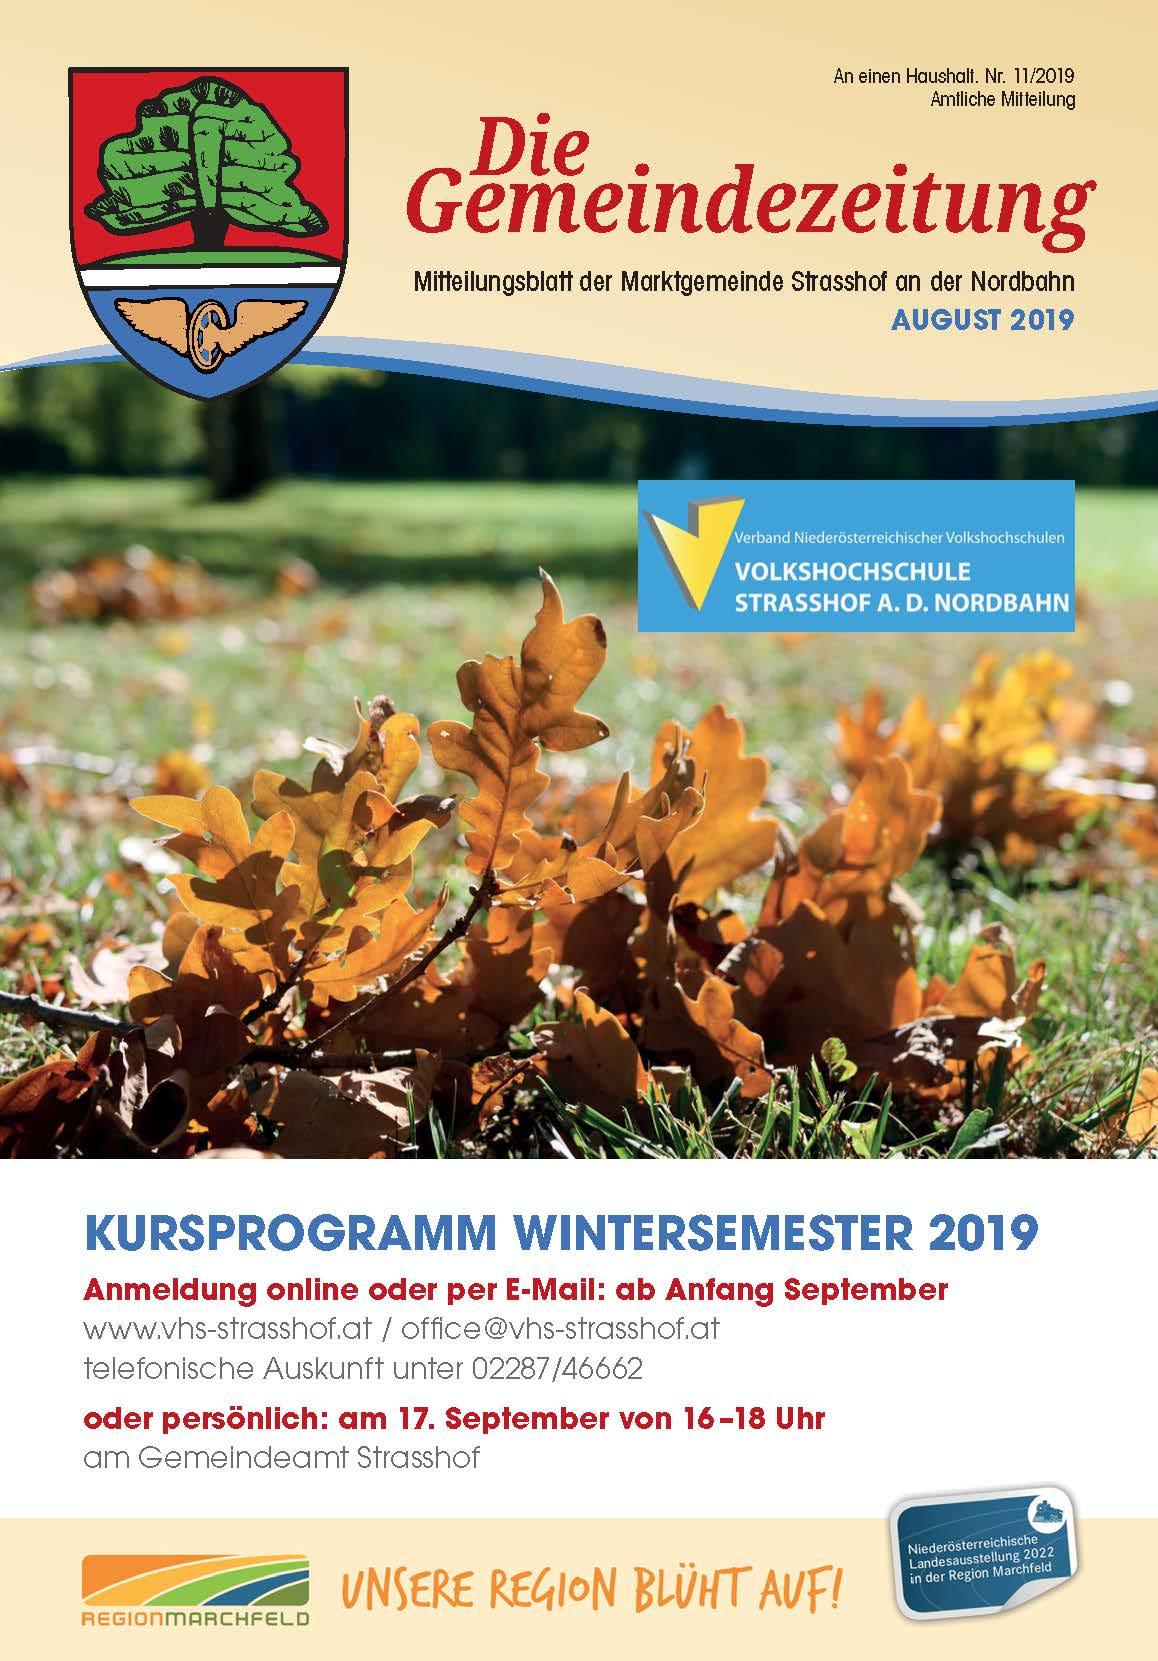 Das neue Kursprogramm WS 2019 ist da!